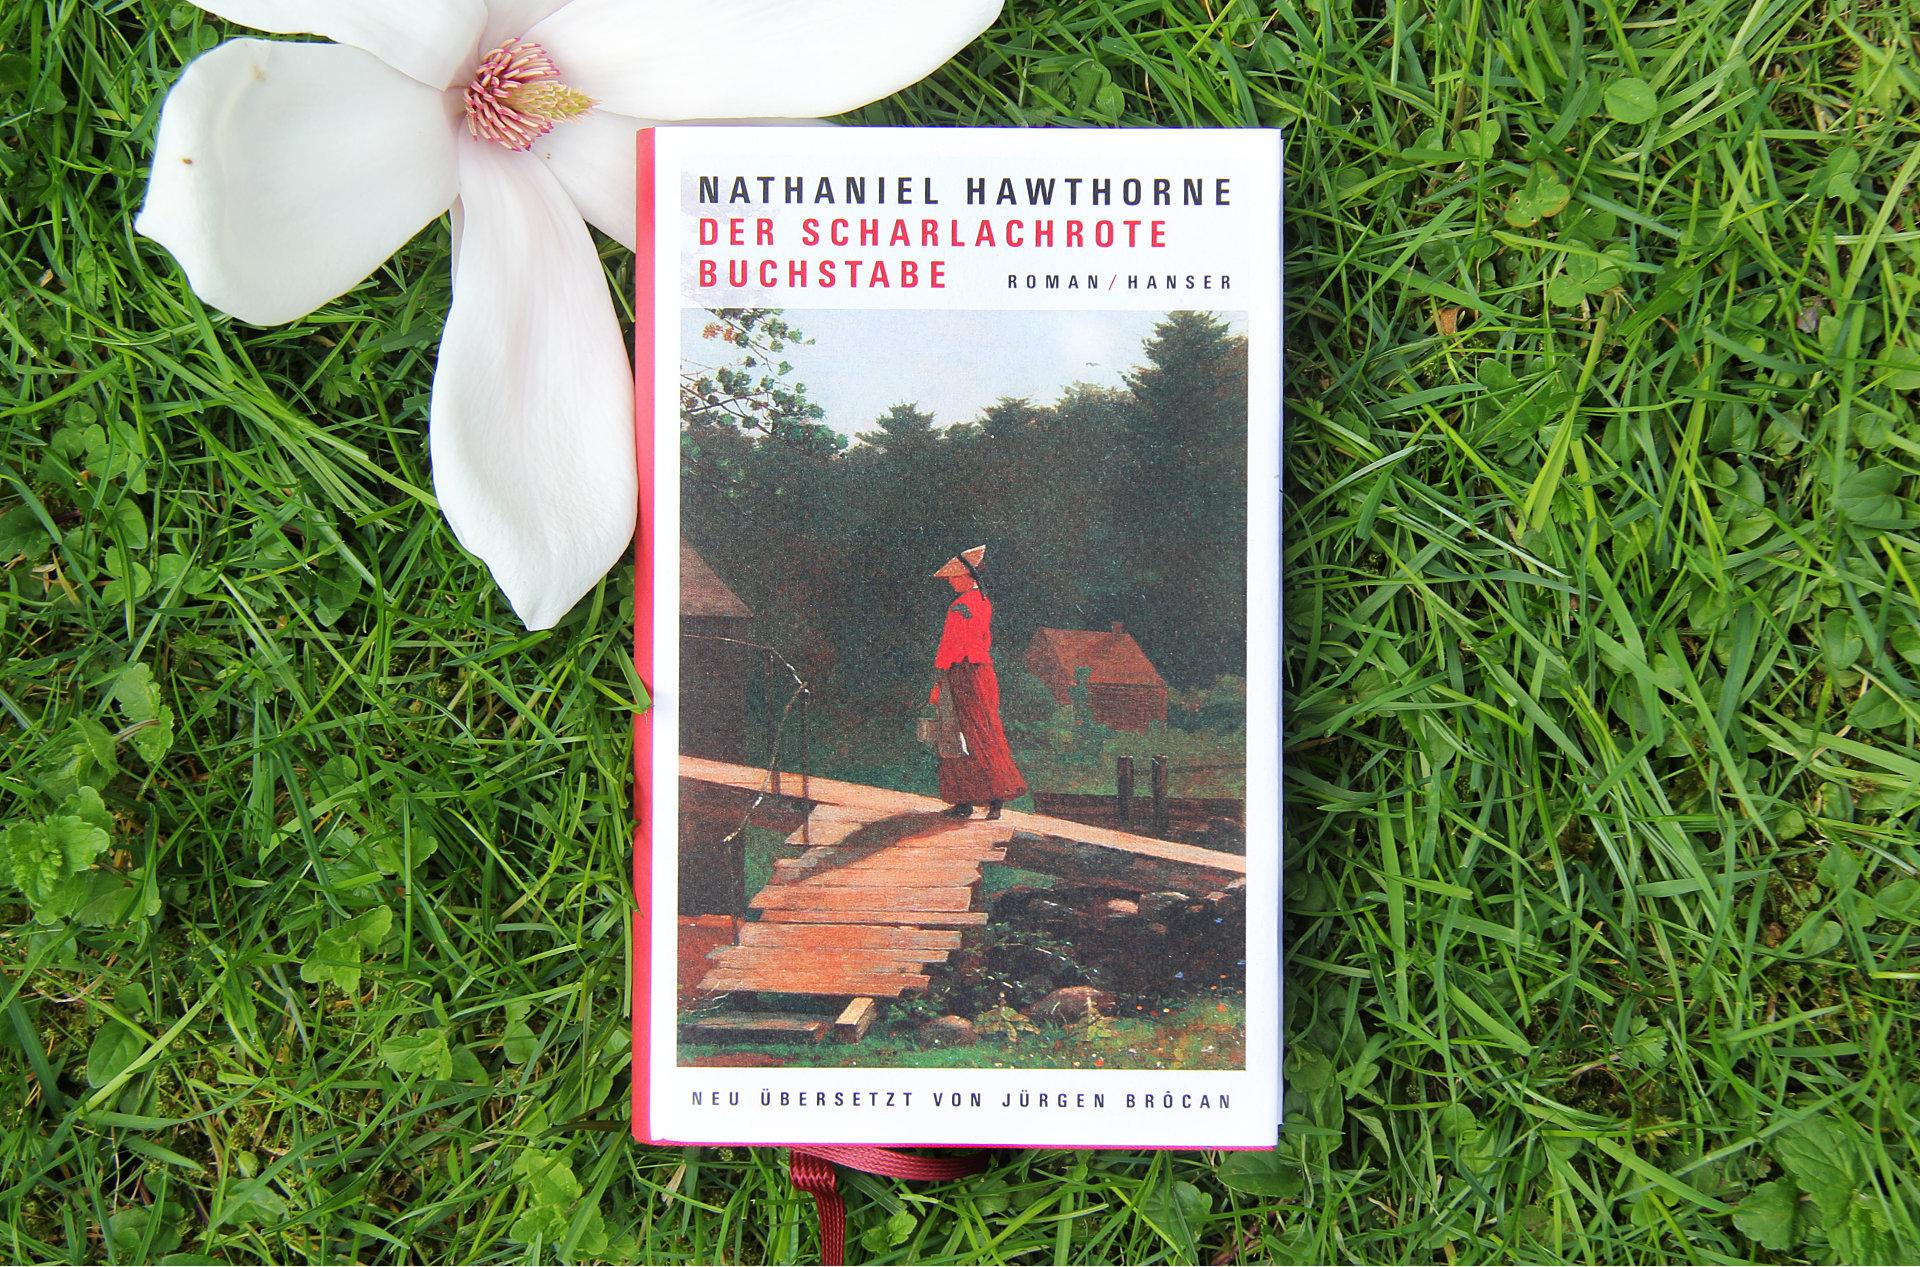 Der scharlachrote Buchstabe • Nathaniel Hawthorne